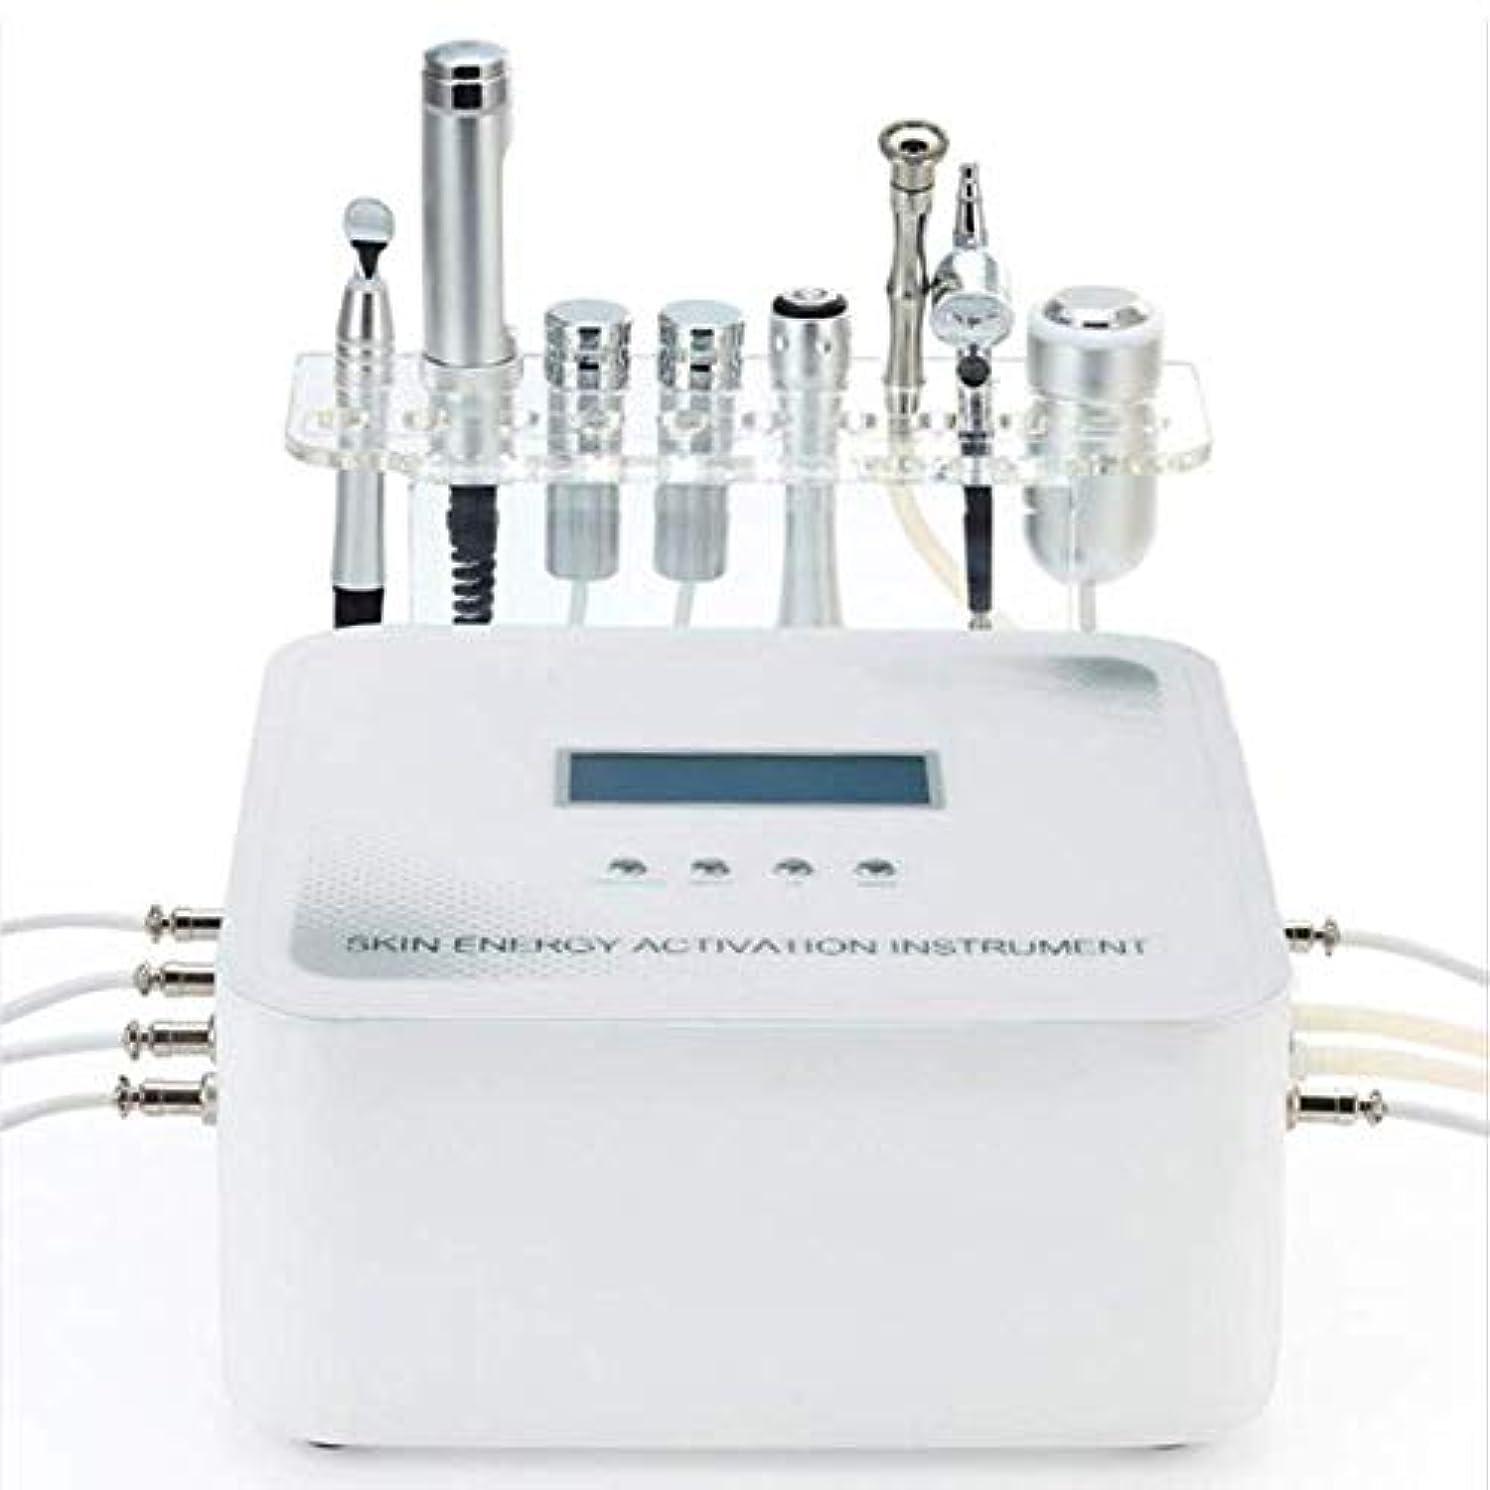 輸血研究所神社多機能両極マイクロ電気Rf美容機器、美容室の家族の使用に適した純粋な酸素肌の若返り楽器、150ワット110ボルト